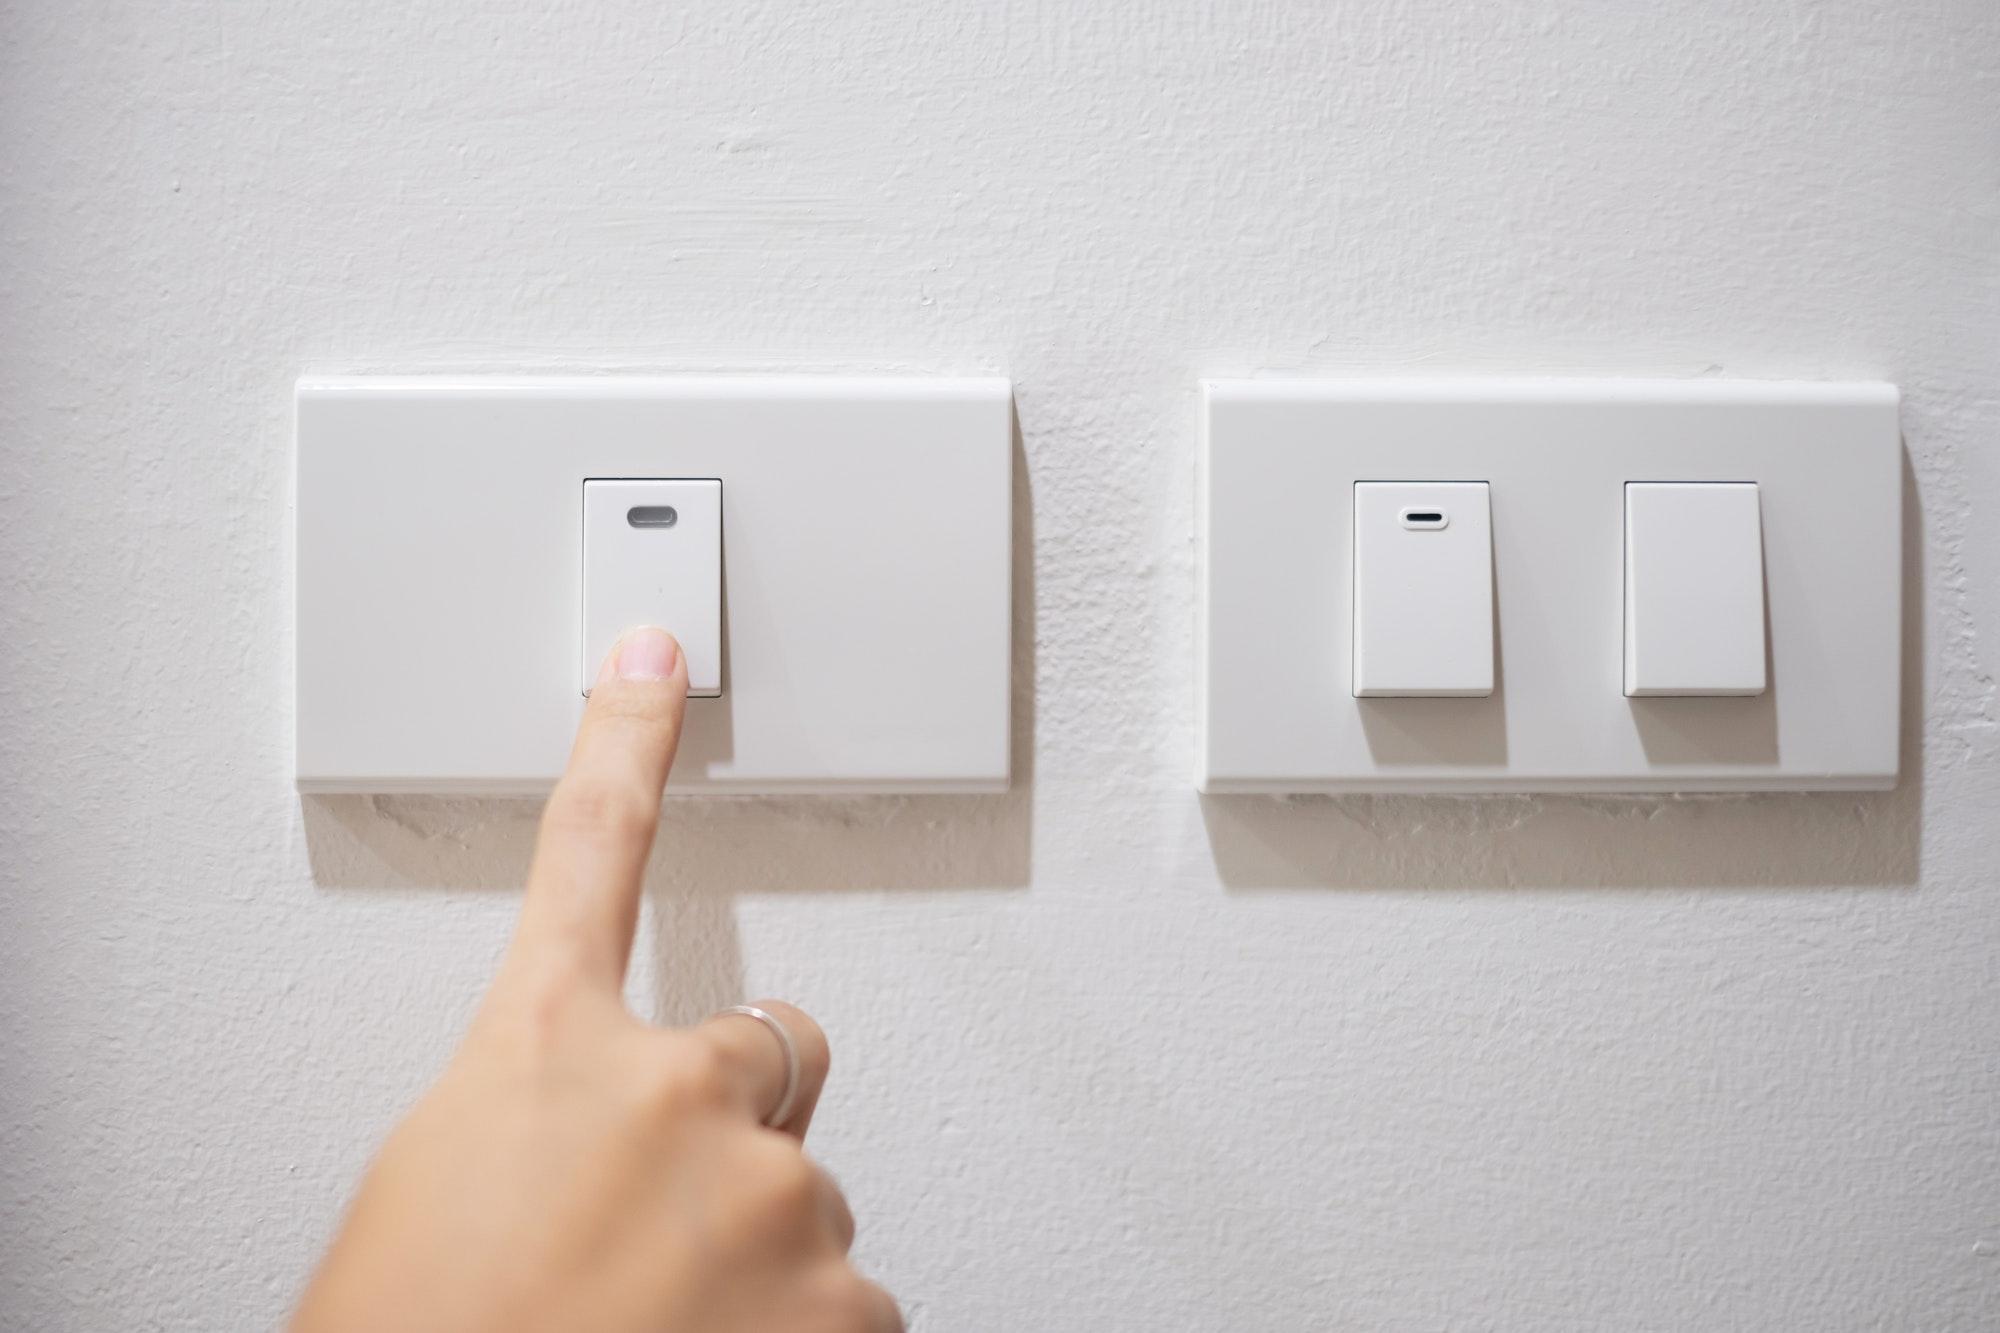 Brug for en akut elektriker lørdag eller søndag⭐ Vi tilbyder autoriseret døgnservice elektriker weekend og helligdage → lørdage og søndage